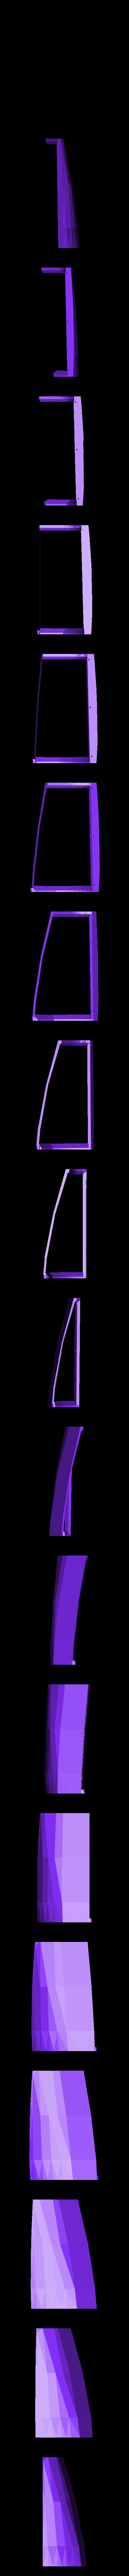 Mid_Front_Left.stl Télécharger fichier STL gratuit Voilier à voile • Objet pour impression 3D, Rusichar